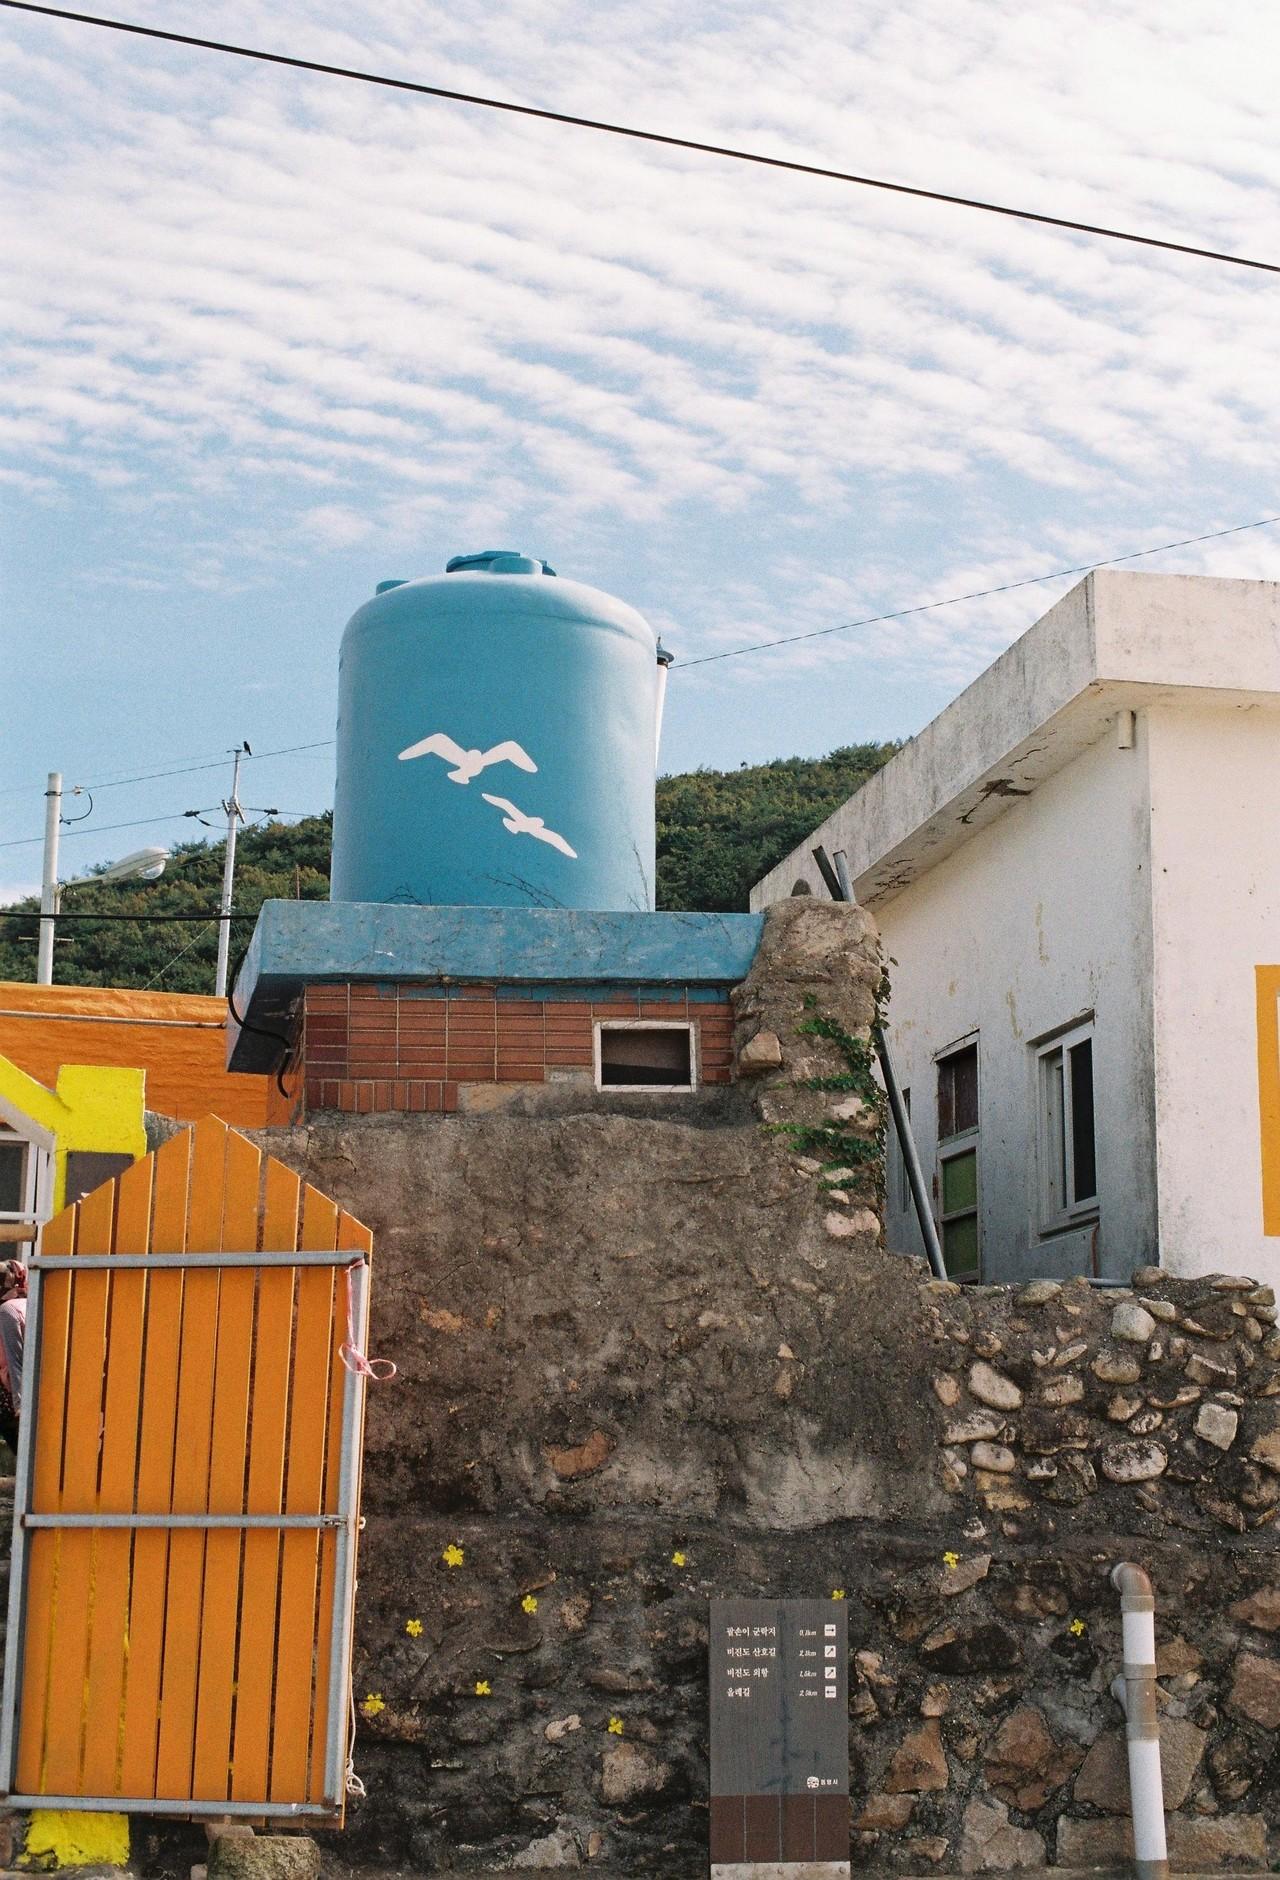 #7. 다시 내리막을 걷다보면 등대와 벽화로 꾸며진 작은 마을이 나온다. 비진도의 주민들이 살고 있는 내항 마을이다. 낯선 사람에게 거리를 짖어대면서도 내심 반가운 듯 꼬리를 흔드는 두 마리의 강아지들.